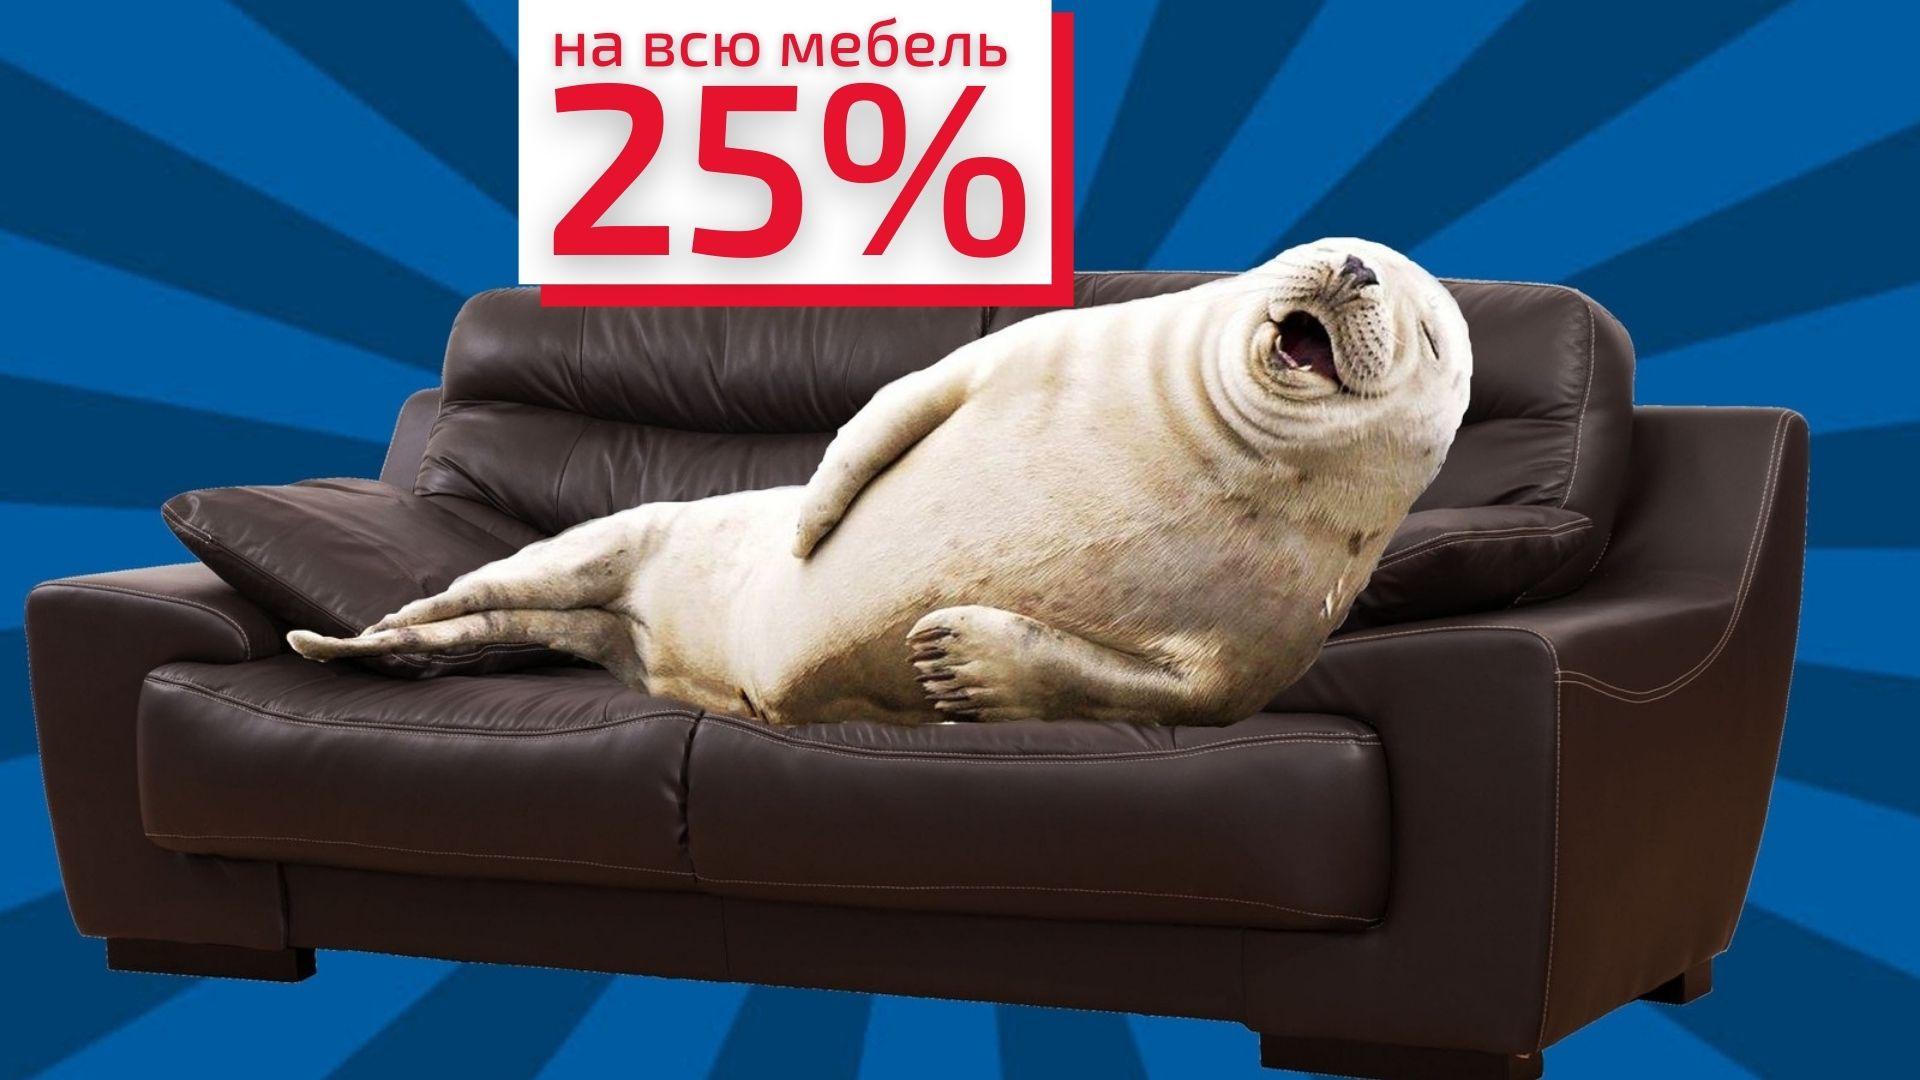 икеа скидки и акции сегодня 25%